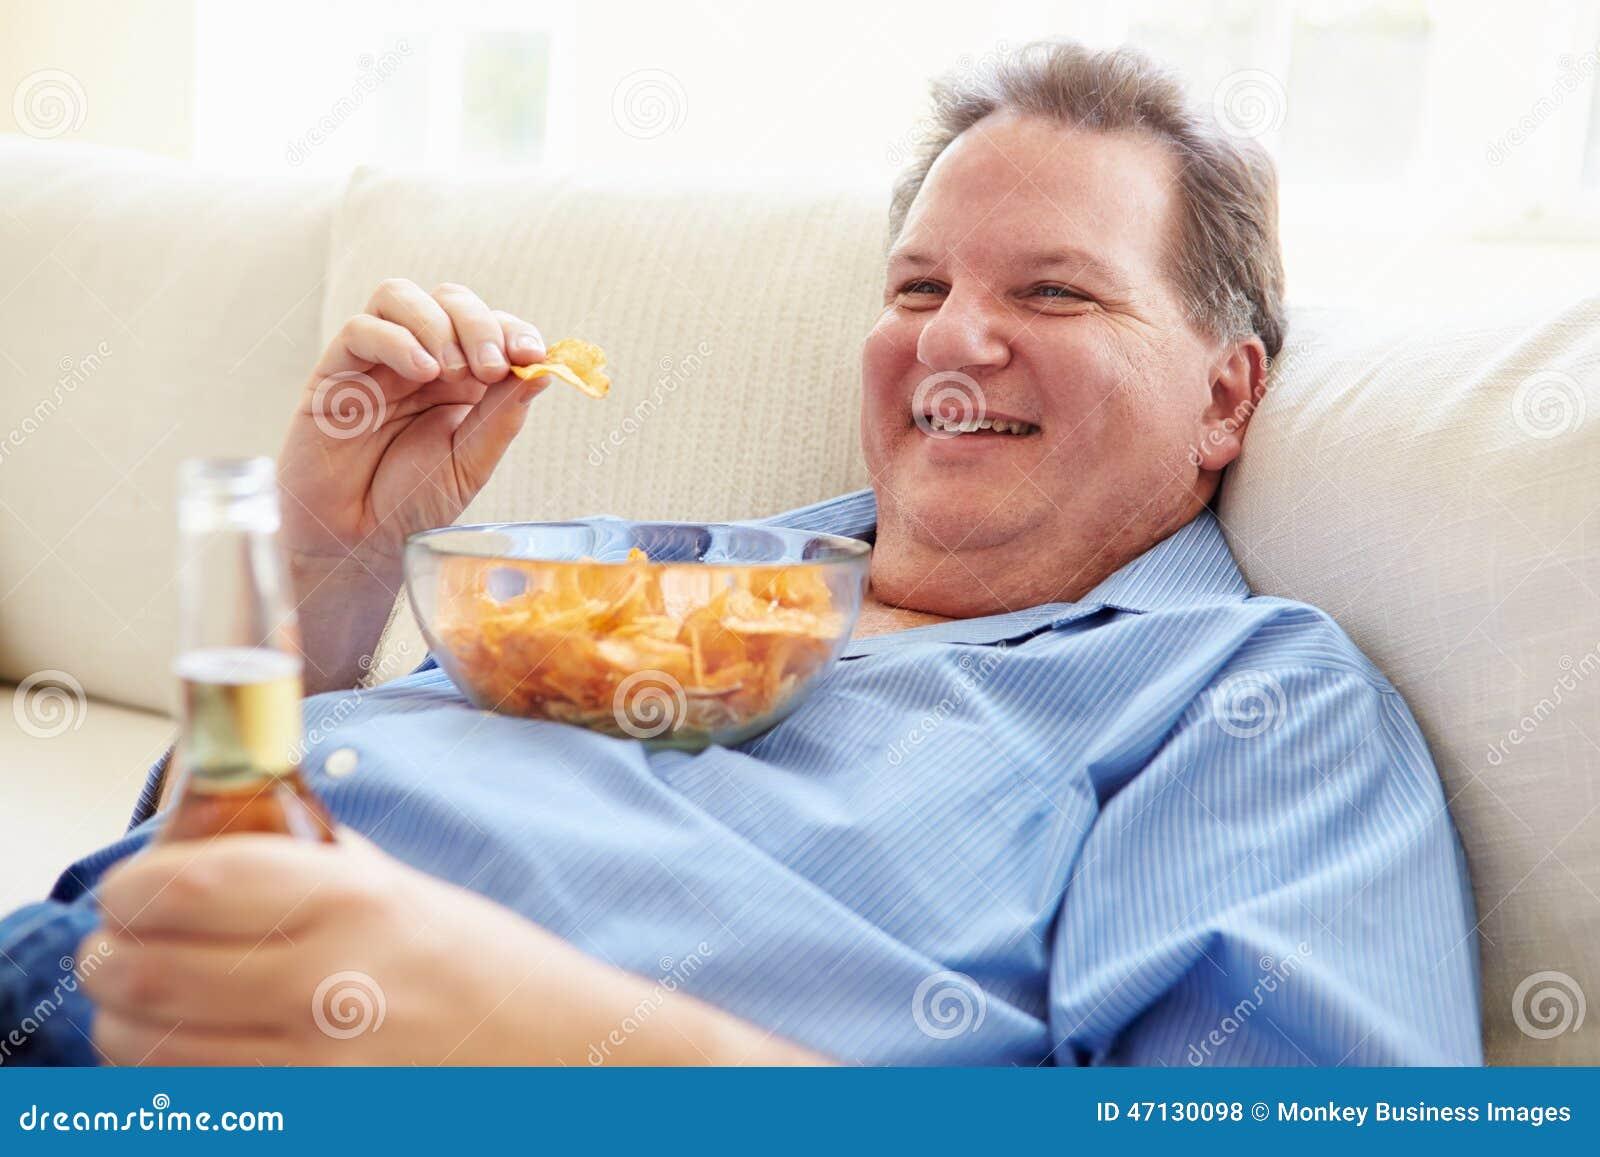 Uomo di peso eccessivo a casa che mangia Chips And Drinking Beer